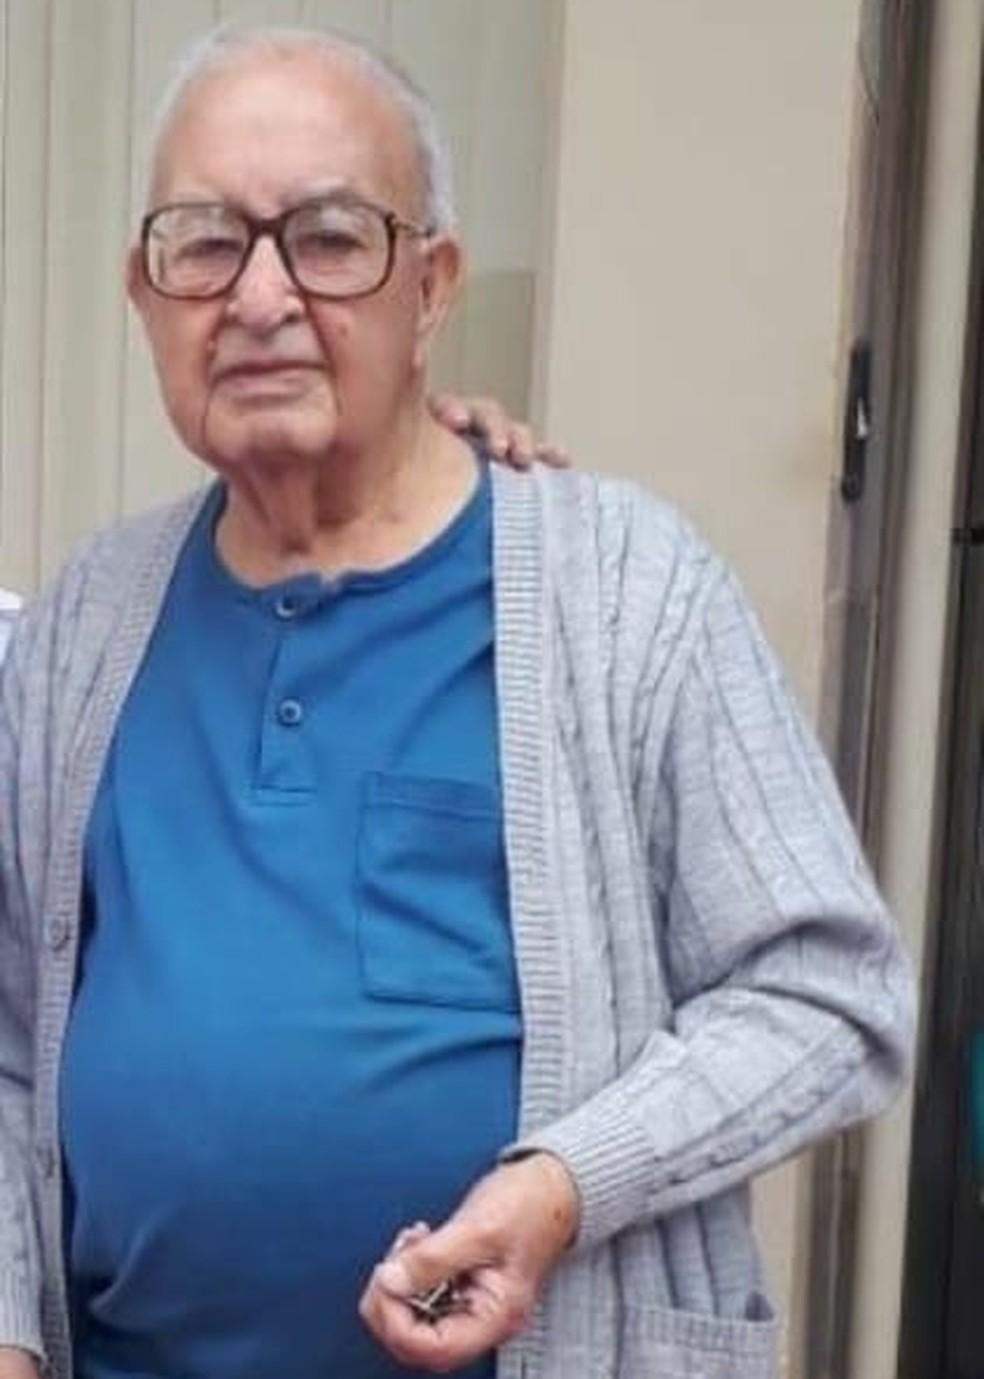 Apesar da indicação de isolamento social, idoso mantinha rotina de passeios esporádicos na rua — Foto: Arquivo pessoal